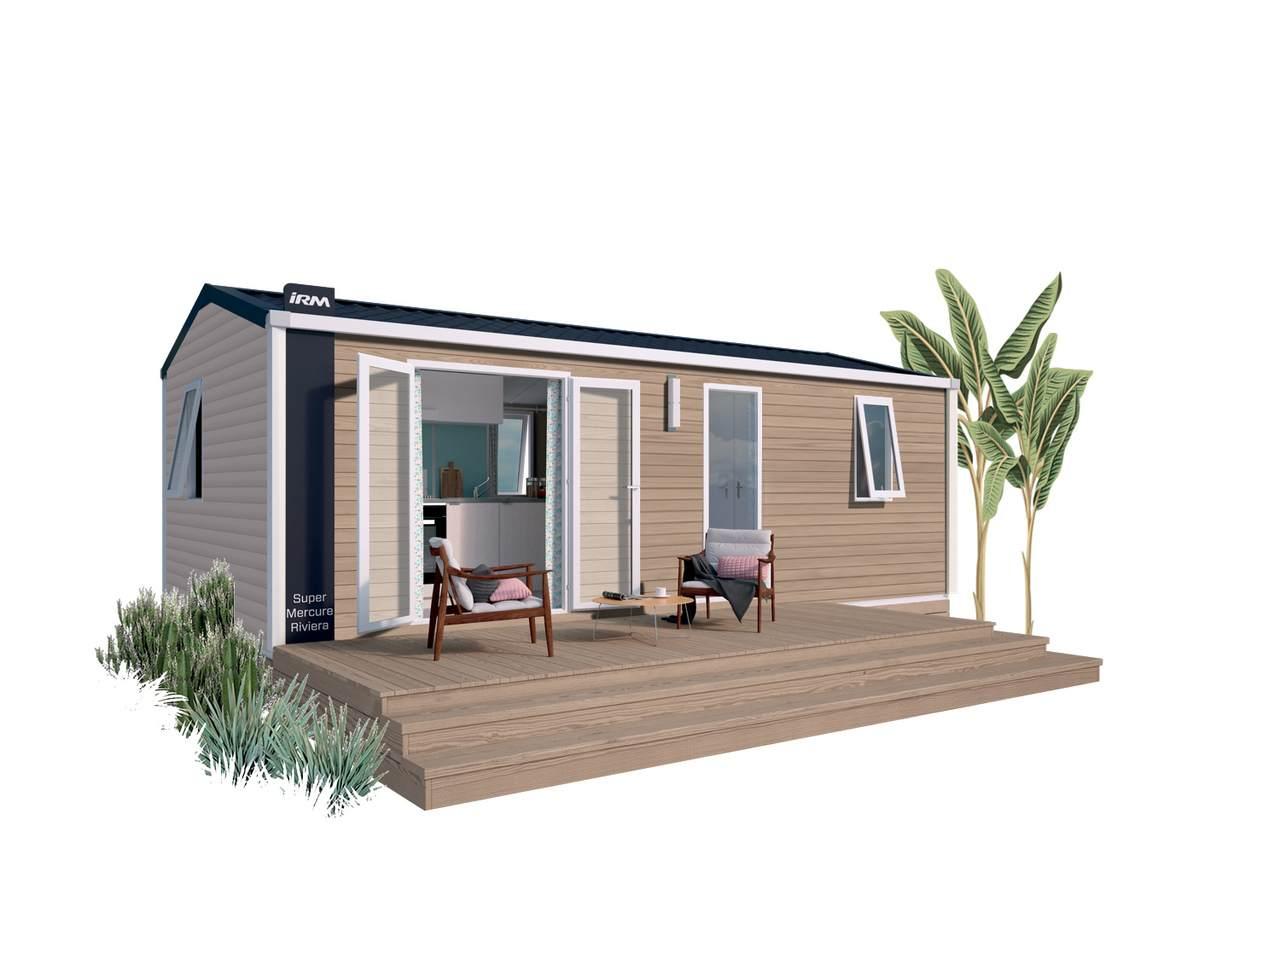 Casa prefabricada SUPER MERCURE RIVIERA - 2 habitaciones | IRM para profesionales